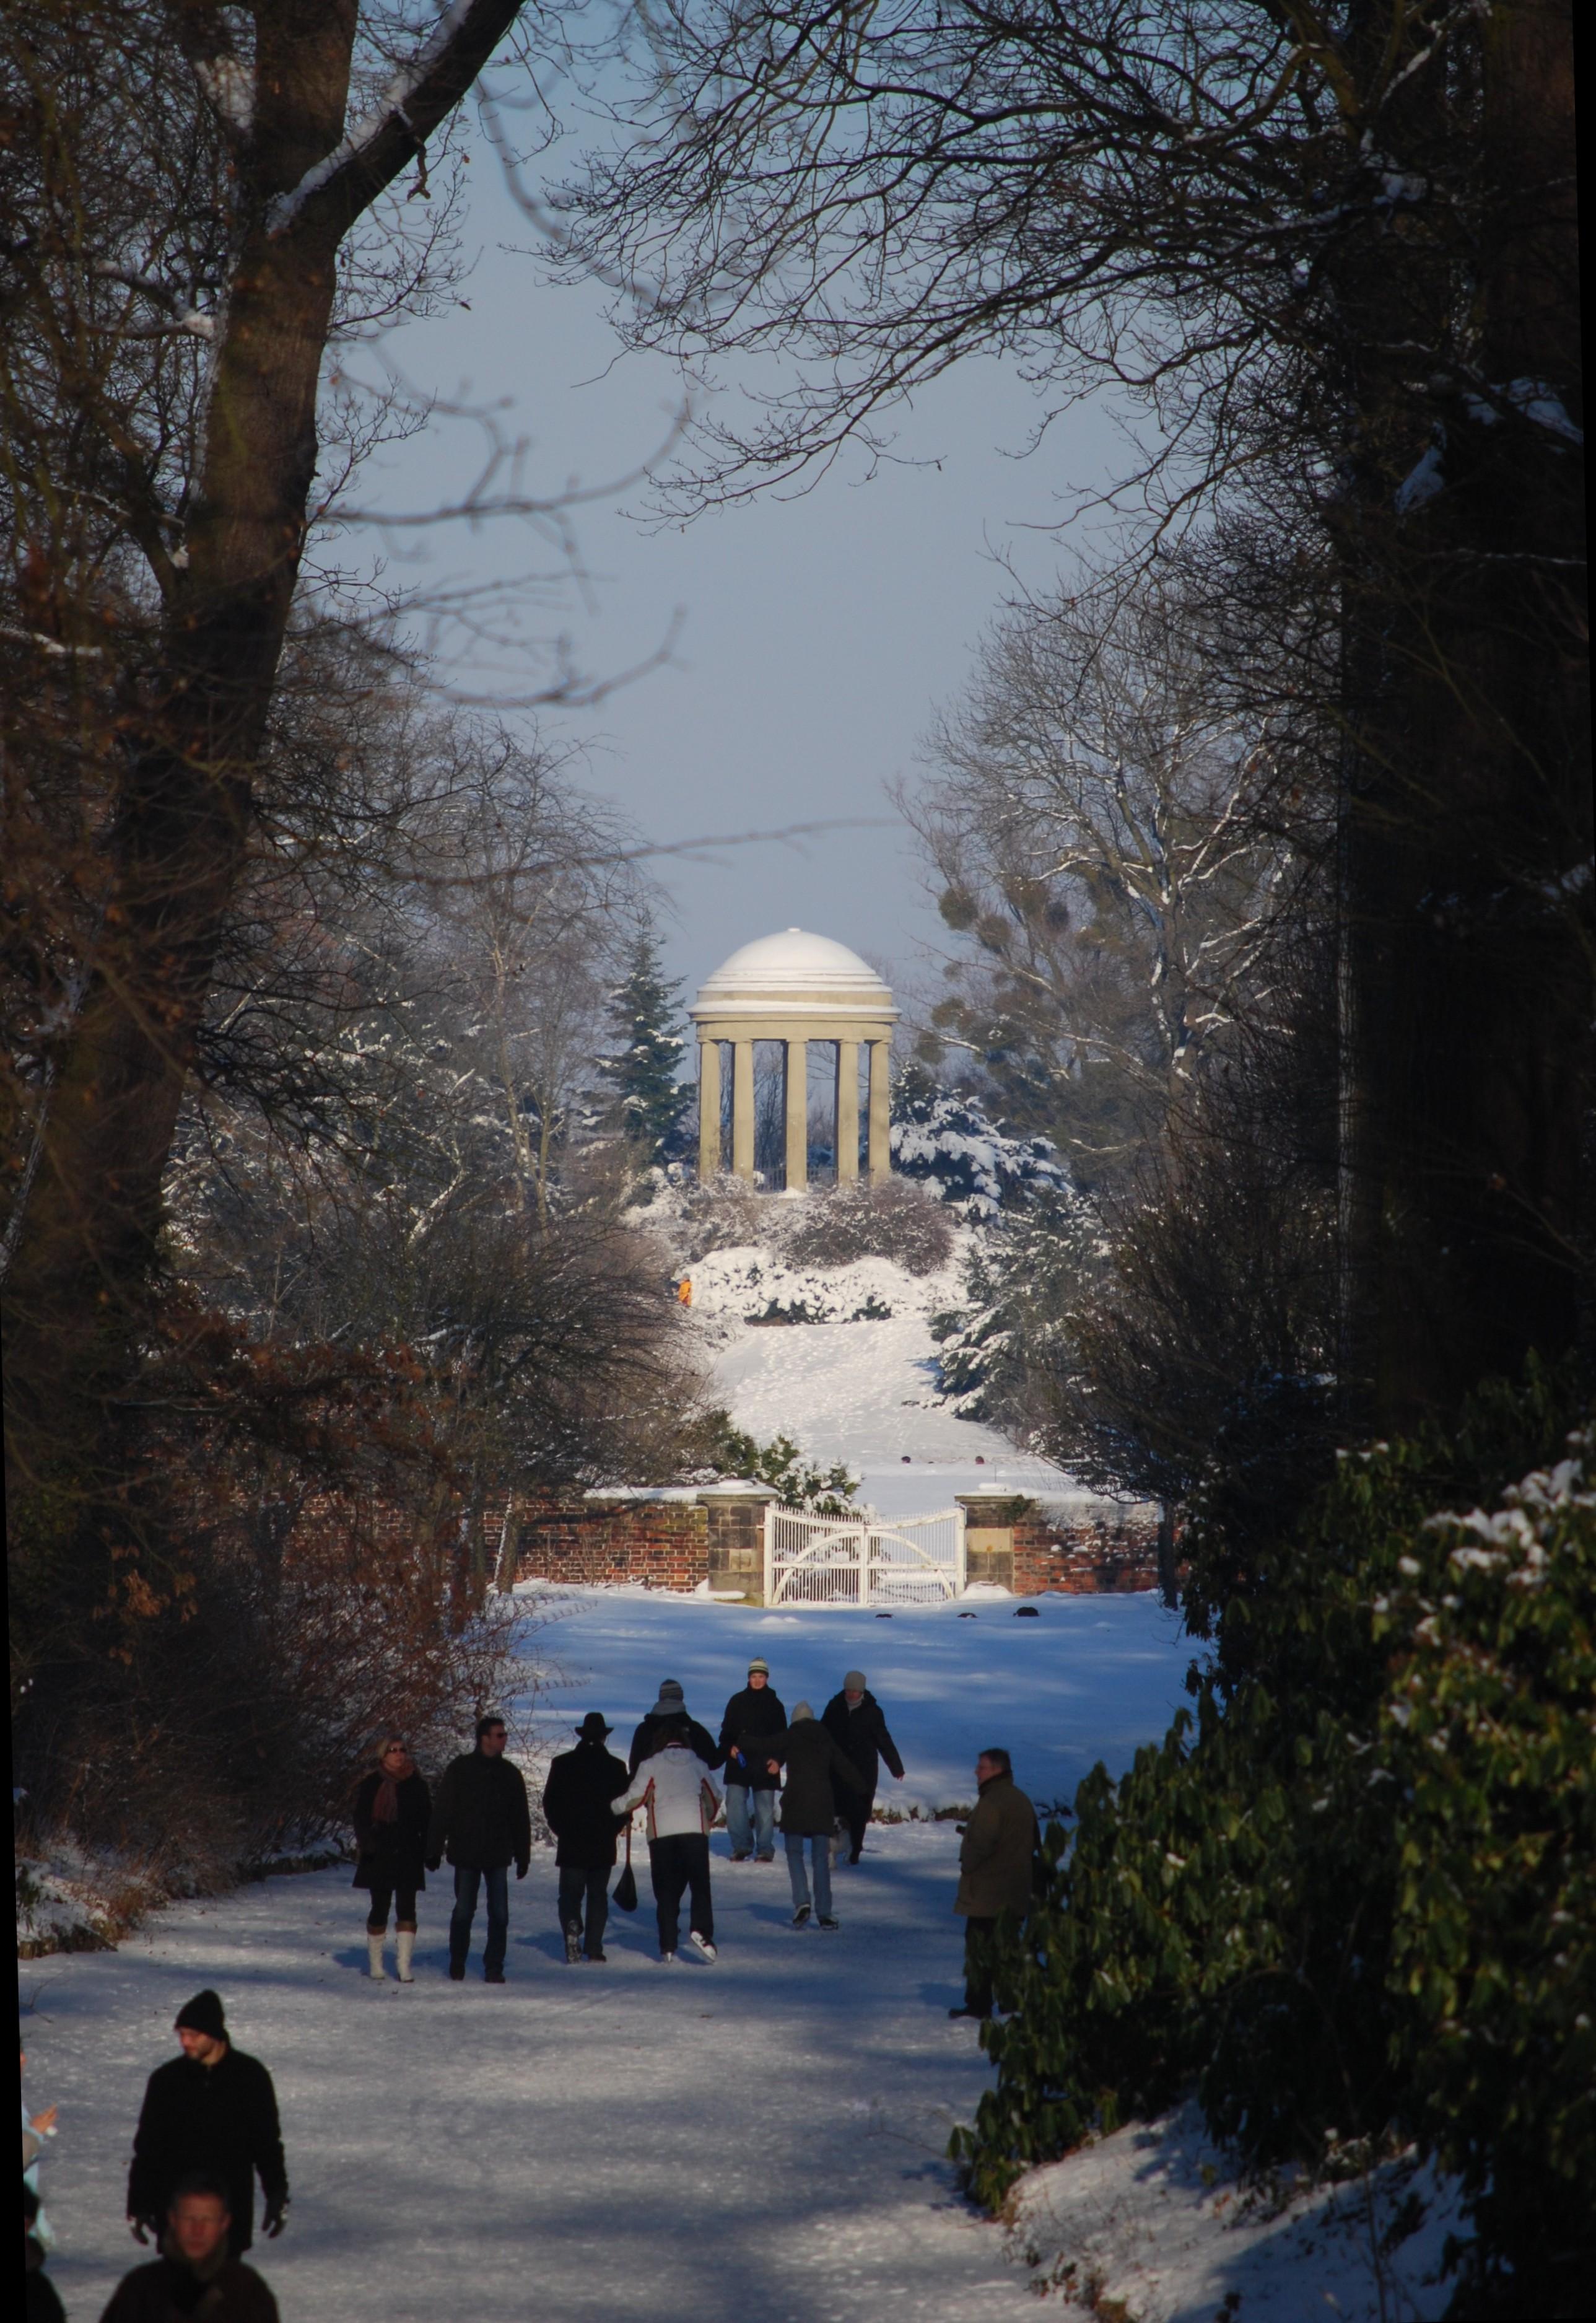 Garten Im Winter file wörlitz schochs garten im winter jpg wikimedia commons